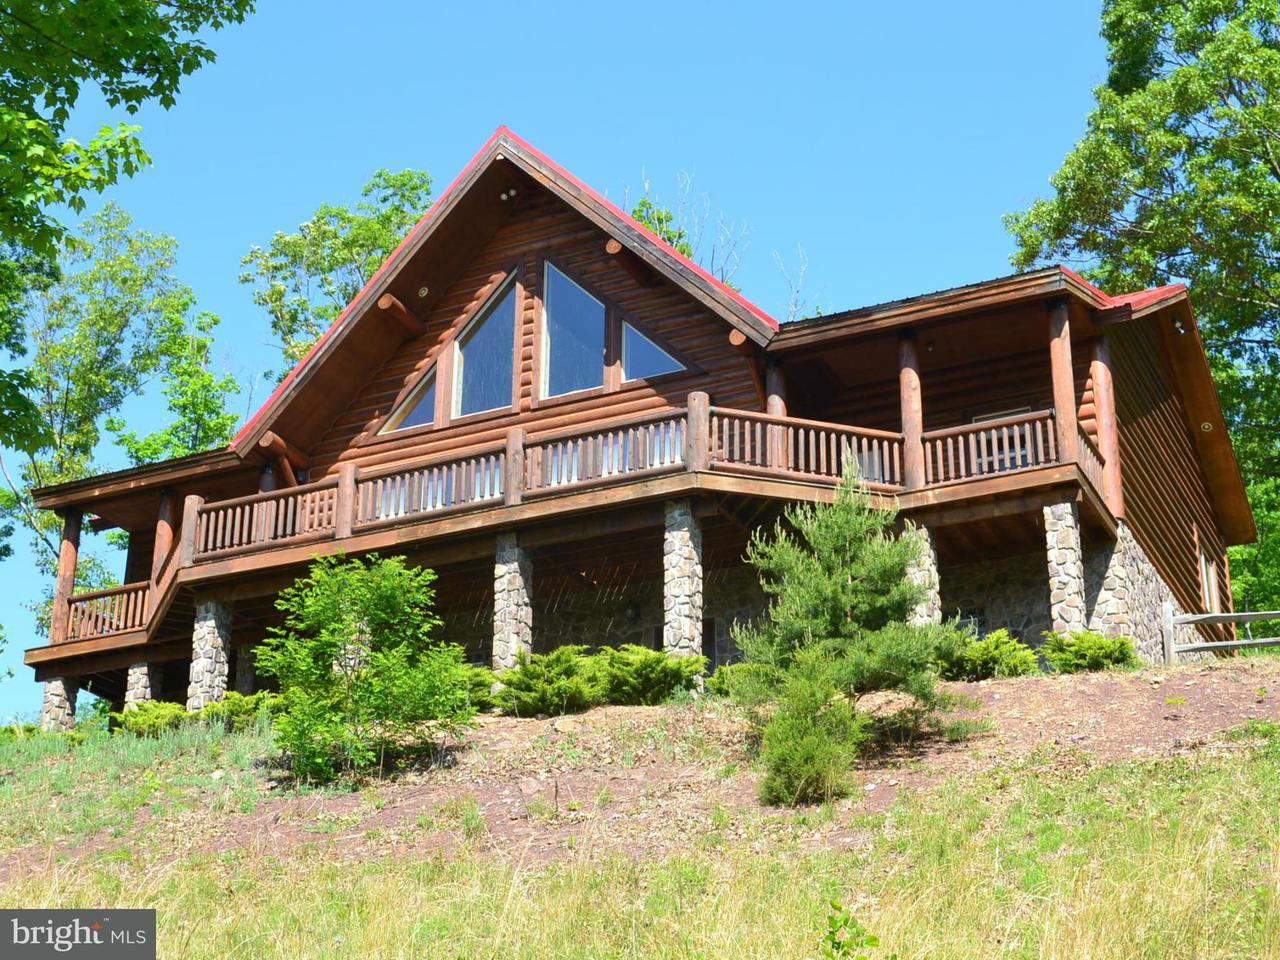 Maison unifamiliale pour l Vente à 44 WHITE OAK PASS 44 WHITE OAK PASS Mathias, Virginie-Occidentale 26812 États-Unis